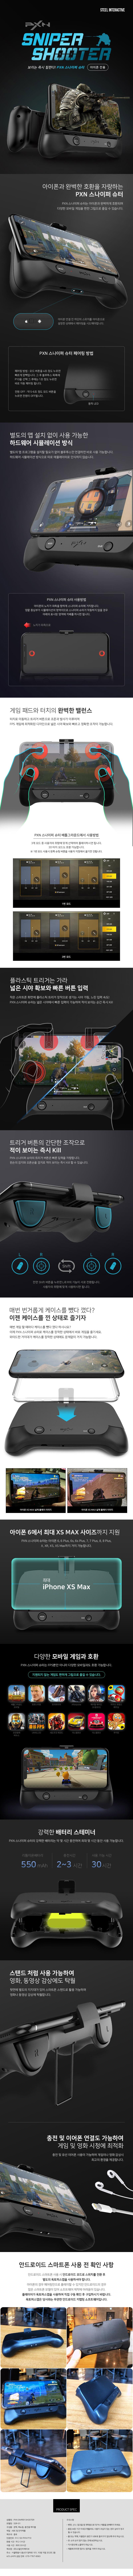 스나이퍼 슈터 모바일 슈팅 패드 컨트롤러-아이폰전용 - 게임팩토리, 37,300원, 게임기, 닌텐도 게임주변기기